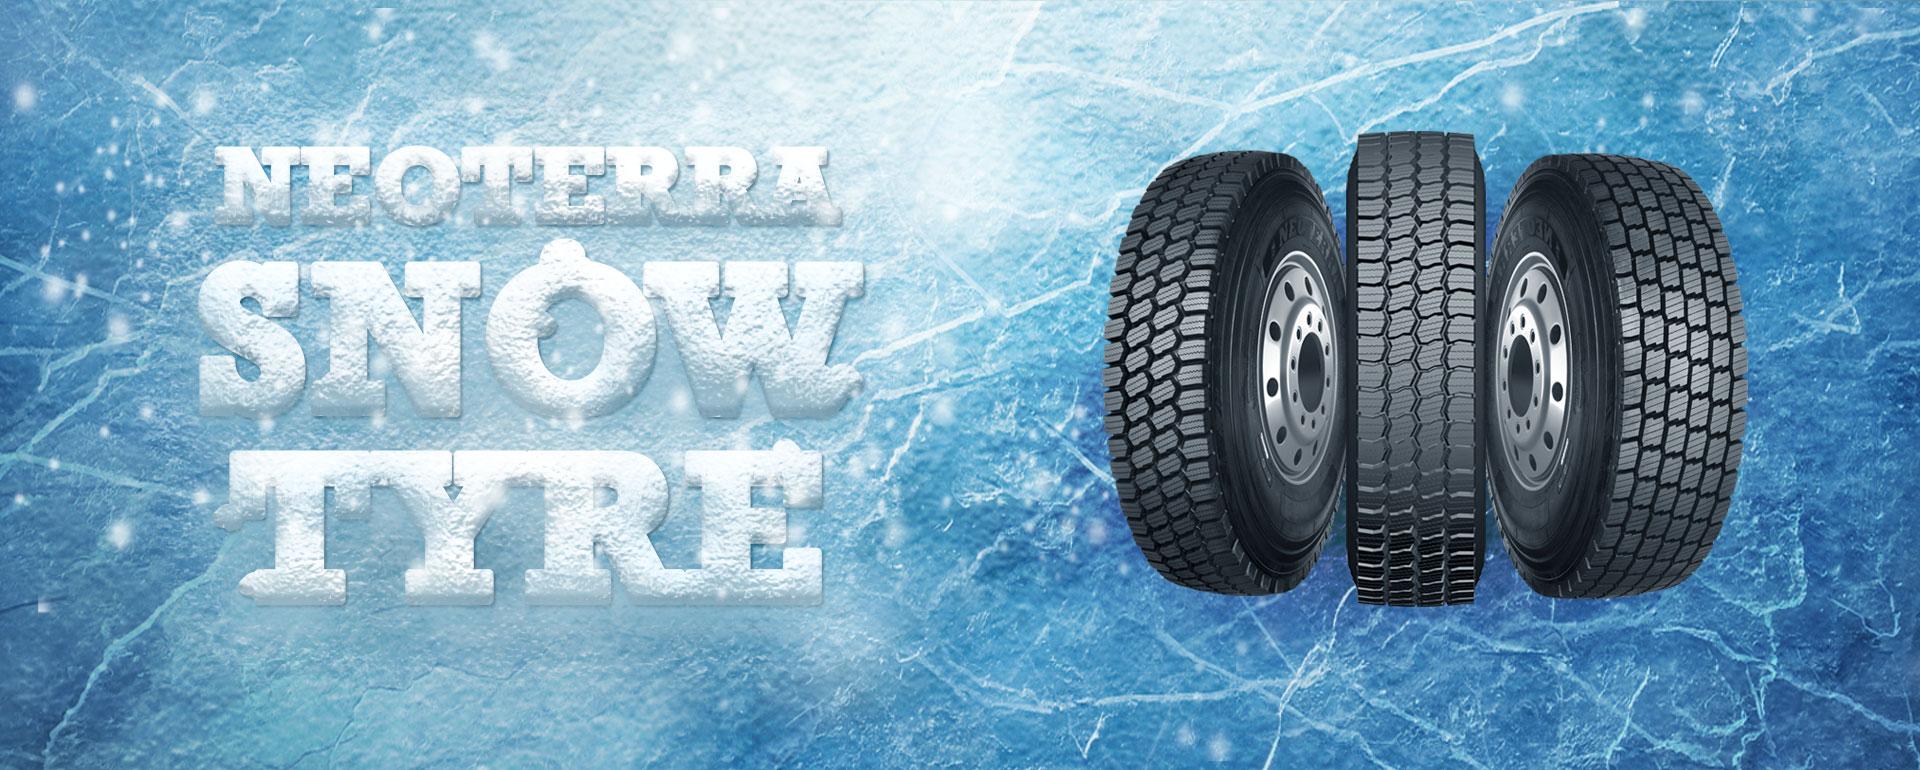 snow tyre